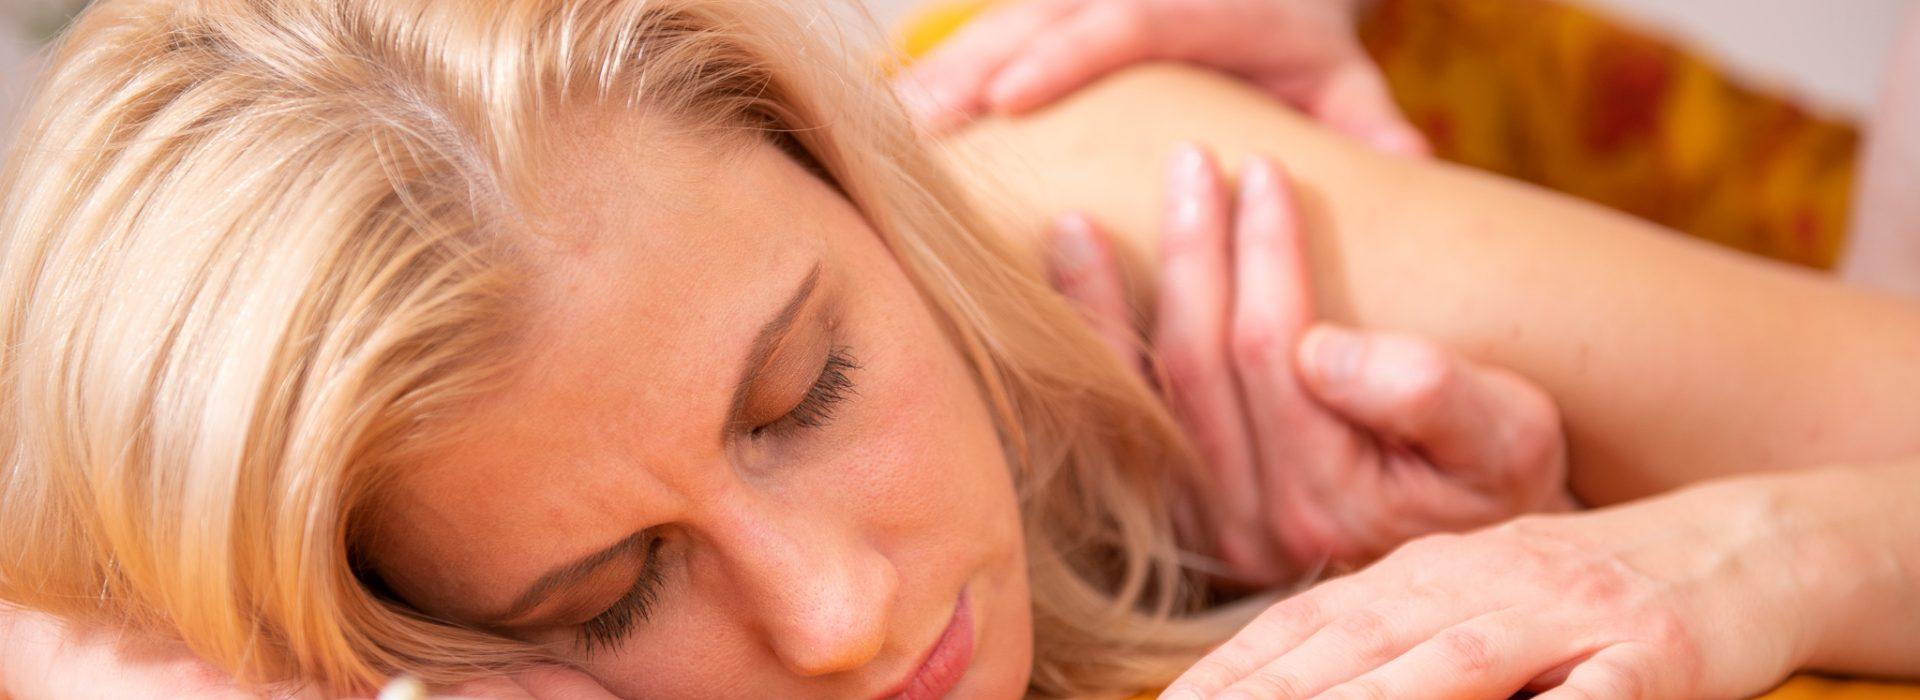 Lomi-Lomi-Massagen